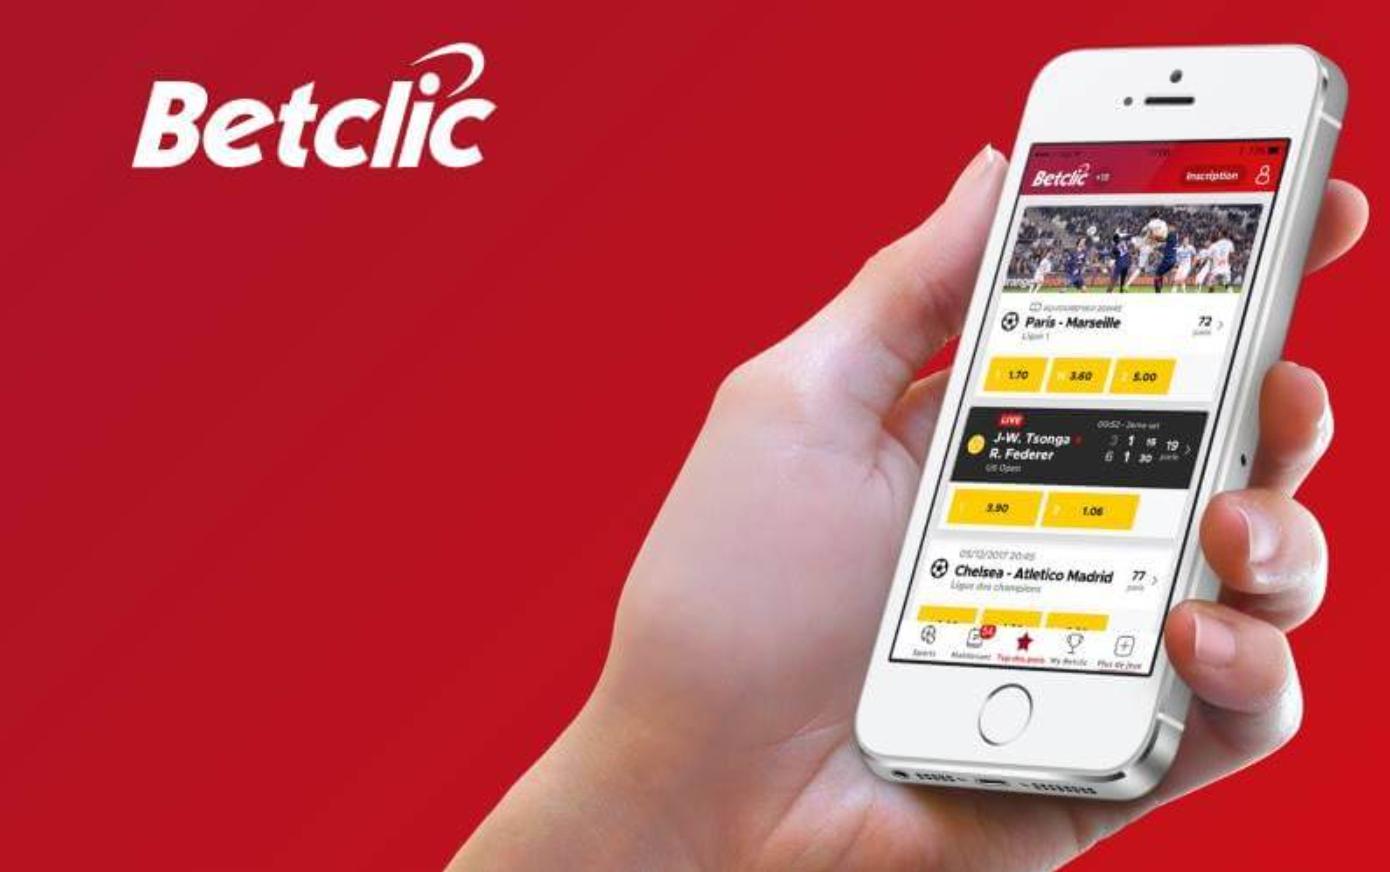 Como fazer Betclic app download?